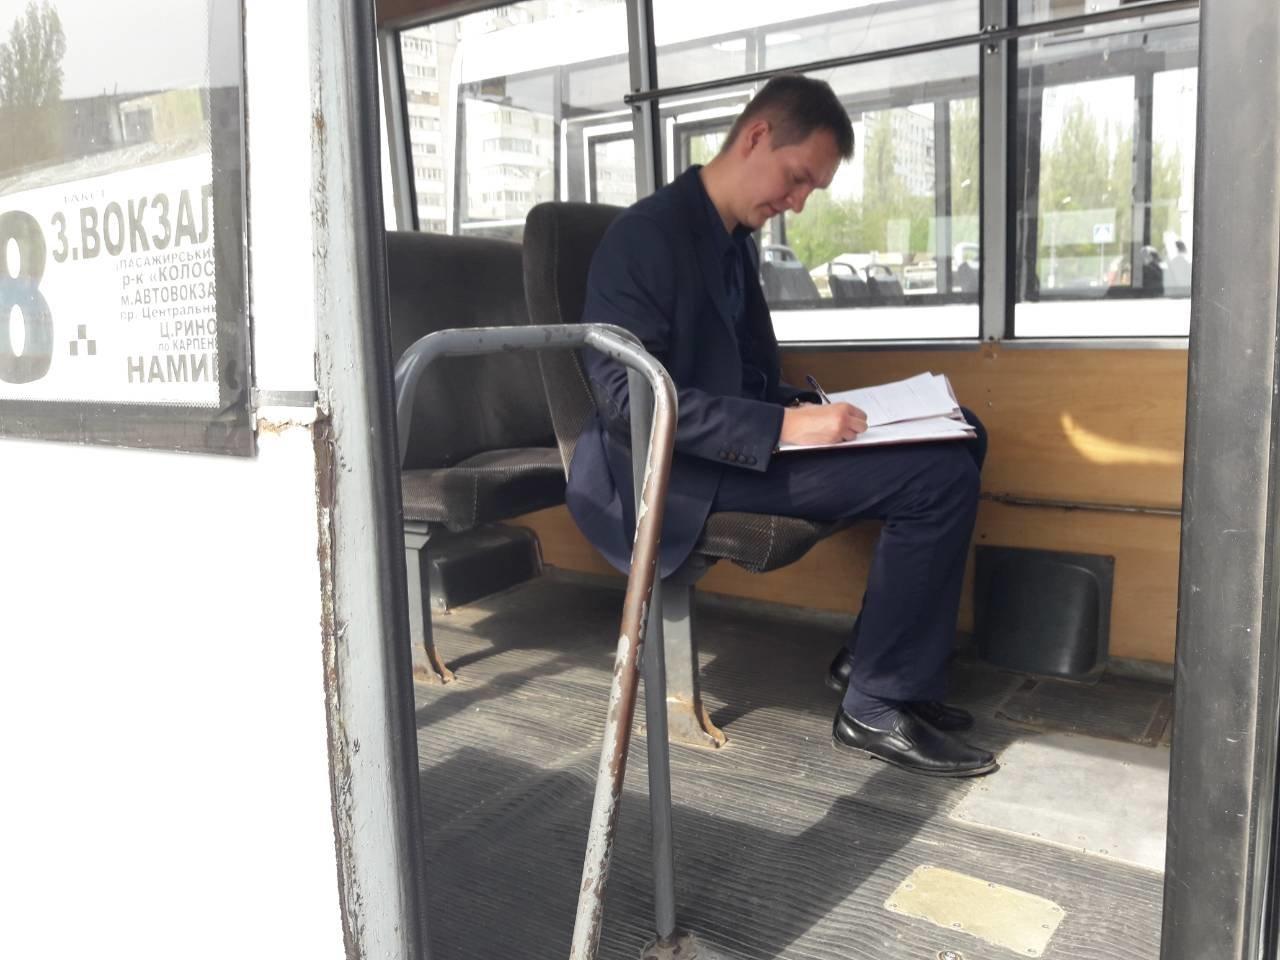 Комиссия составила 6 актов о нарушении при проверке николаевских маршрутов № 8 и 50, - ФОТО, фото-8